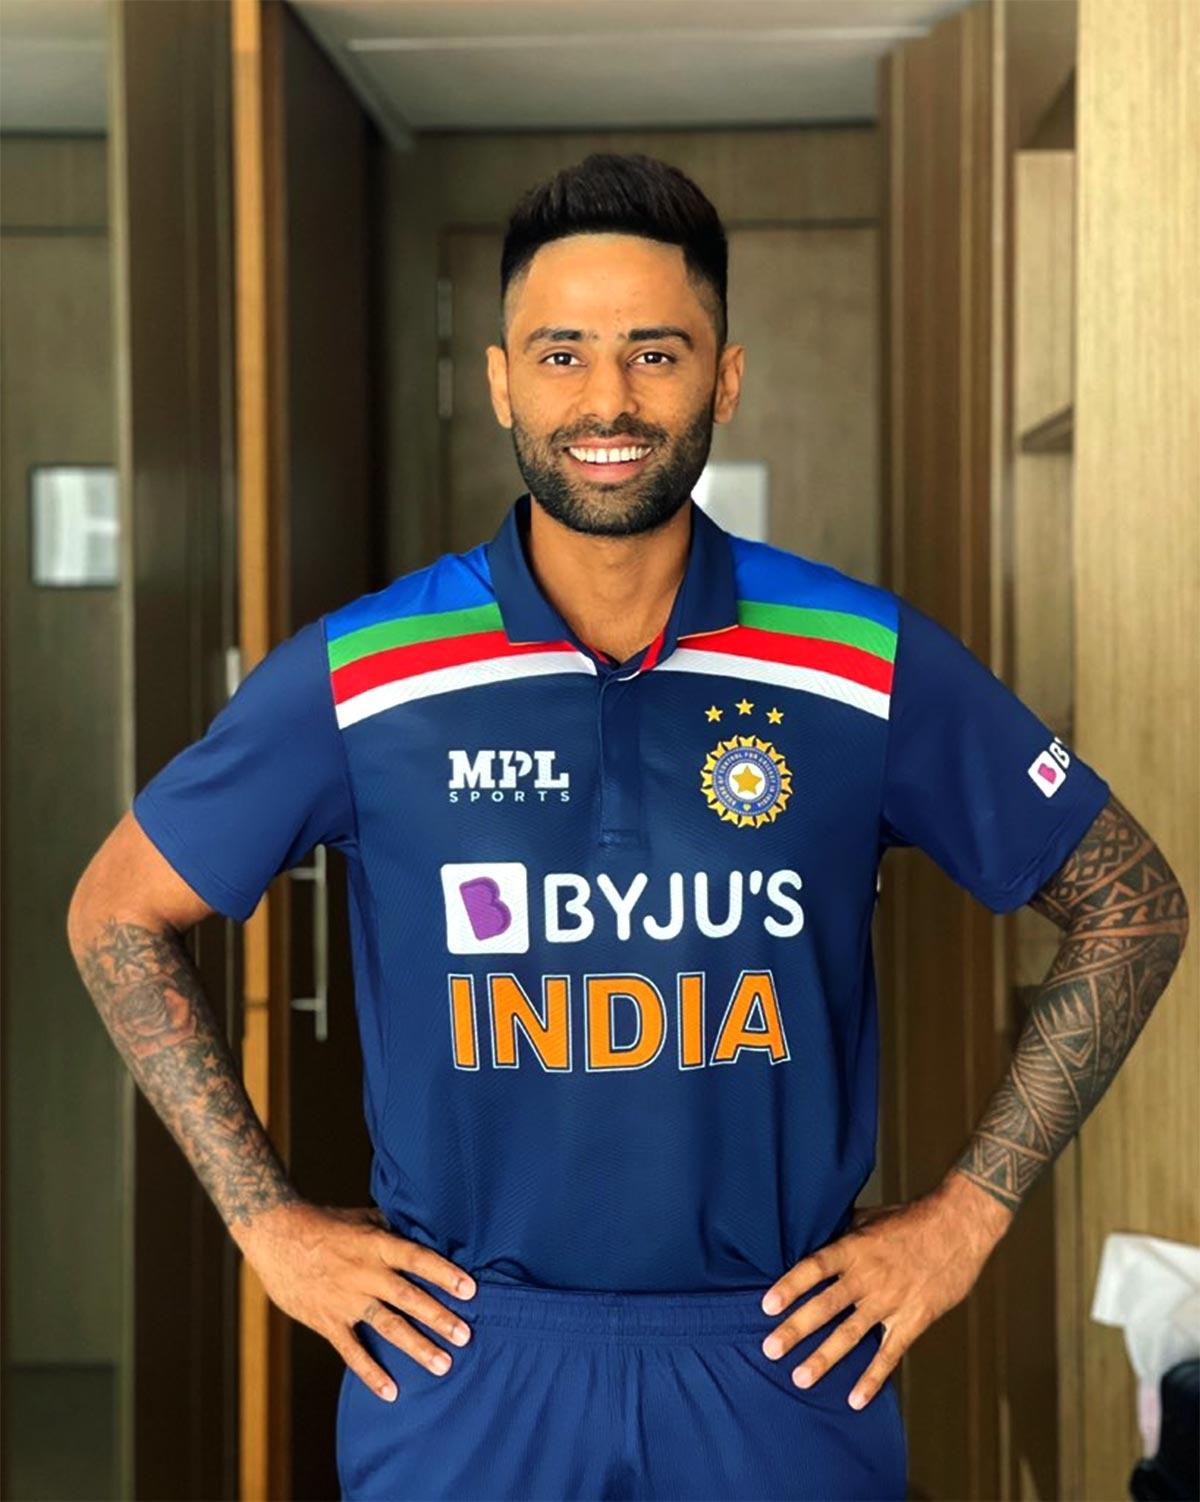 मुंबई इंडियंस ने खास अंदाज में दी सूर्यकुमार यादव को जन्मदिन की बधाई, साथी खिलाड़ियों ने बर्थडे बनाया स्पेशल 2